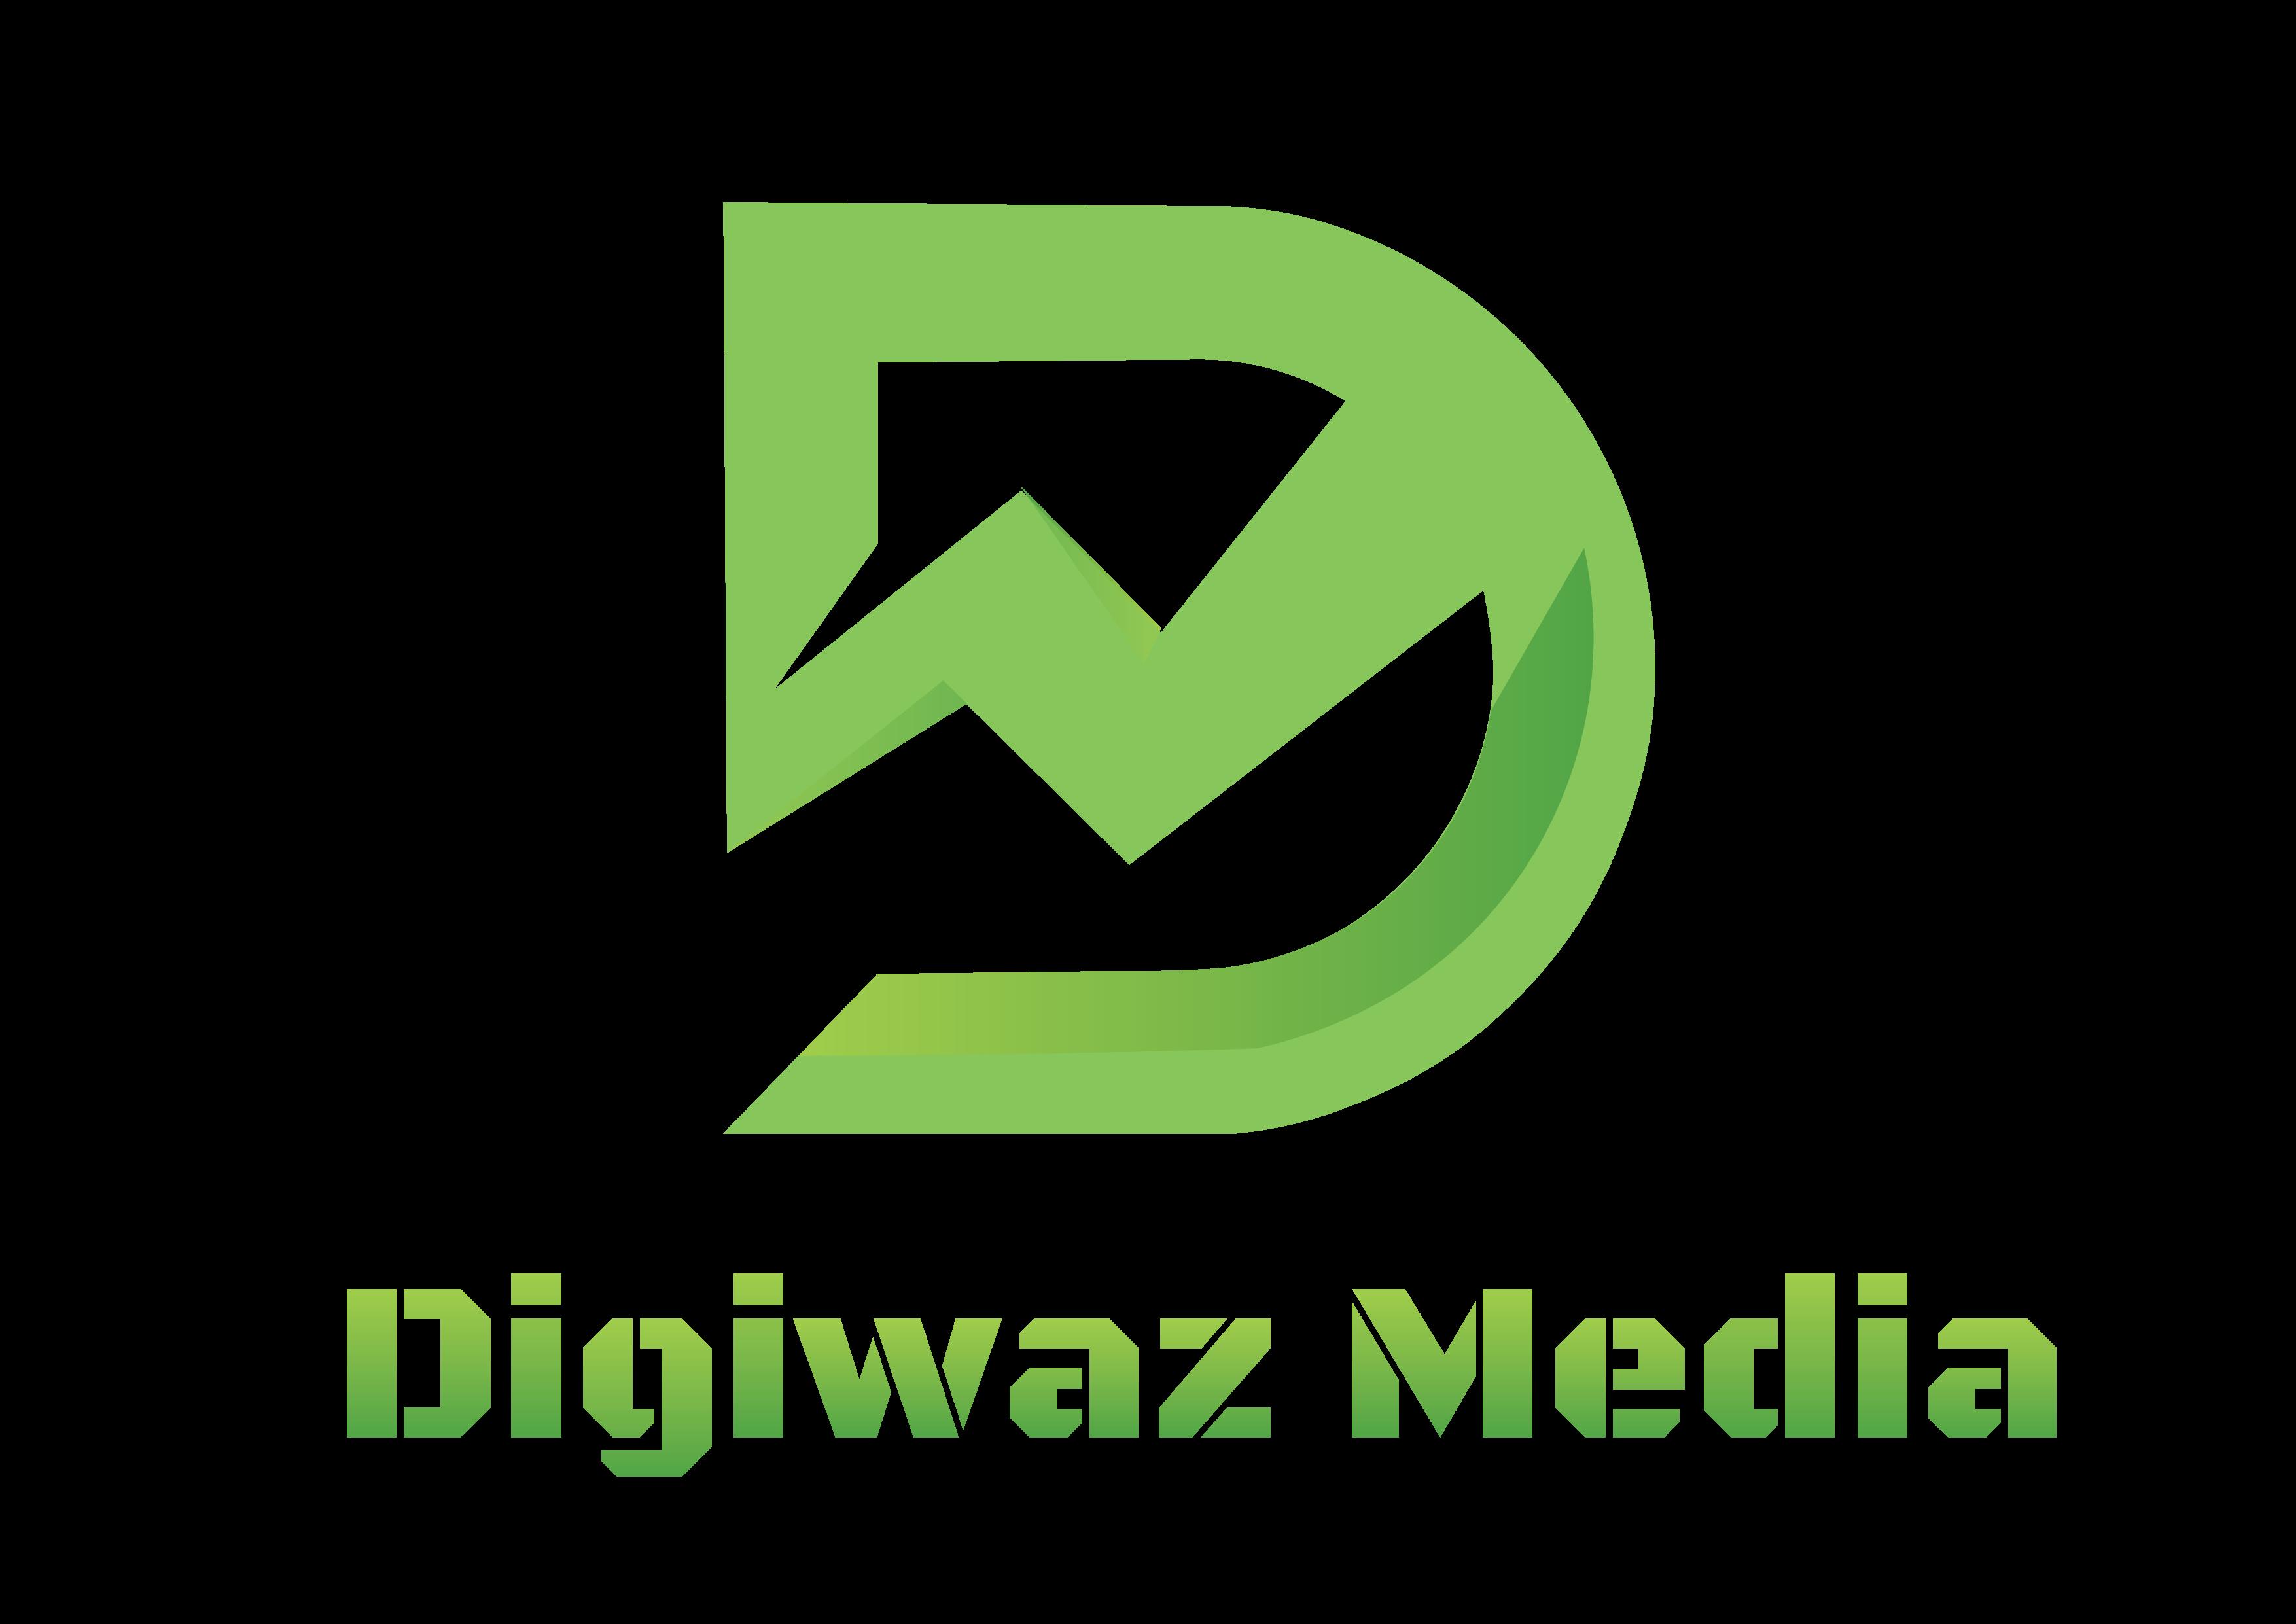 DigiWazMedia